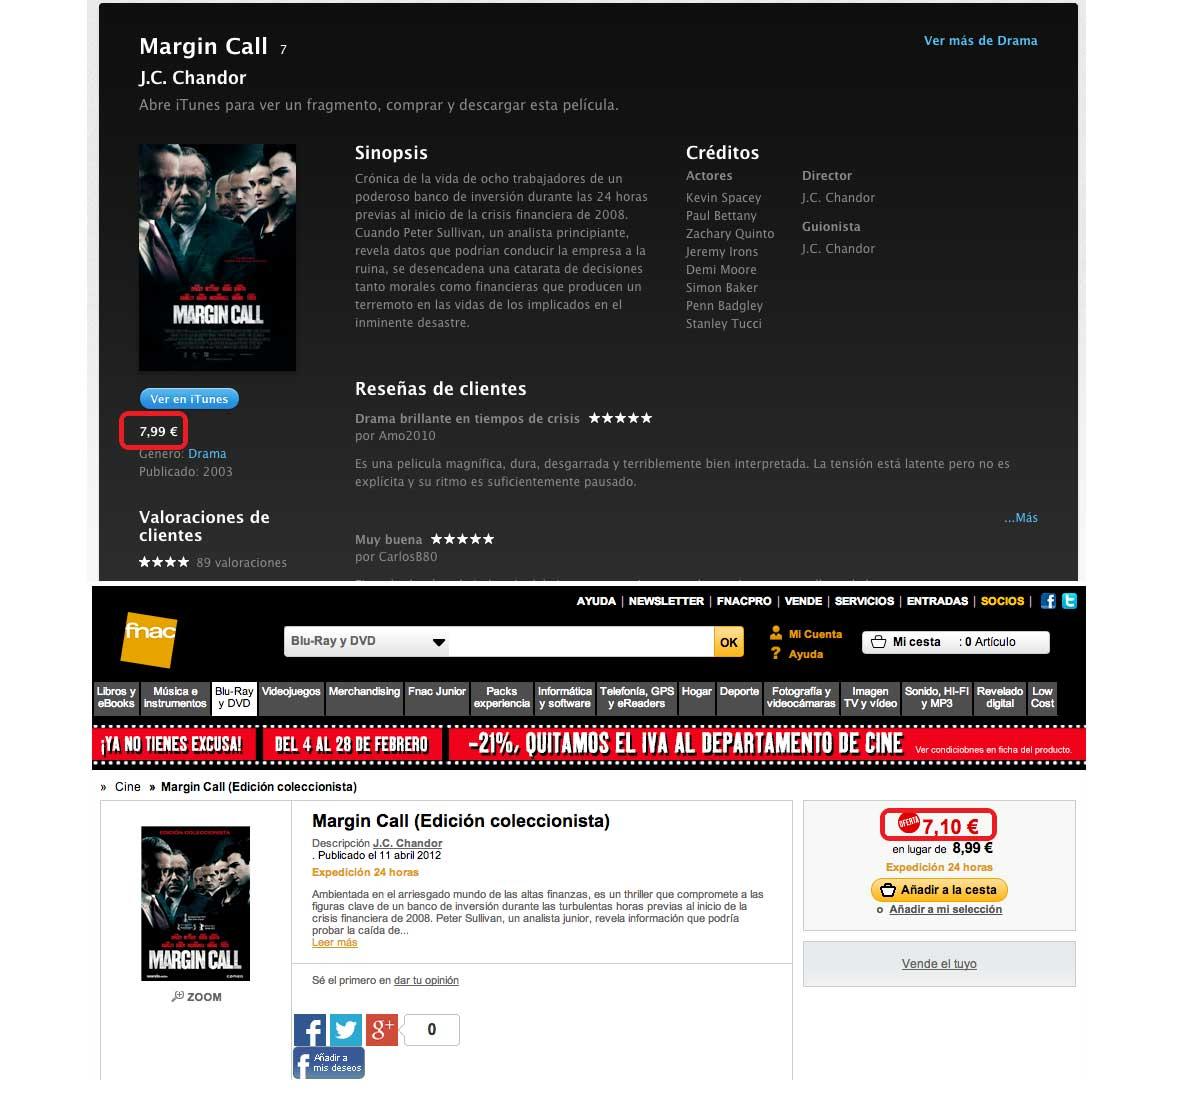 Margin Call - Precio versión digital y DVD